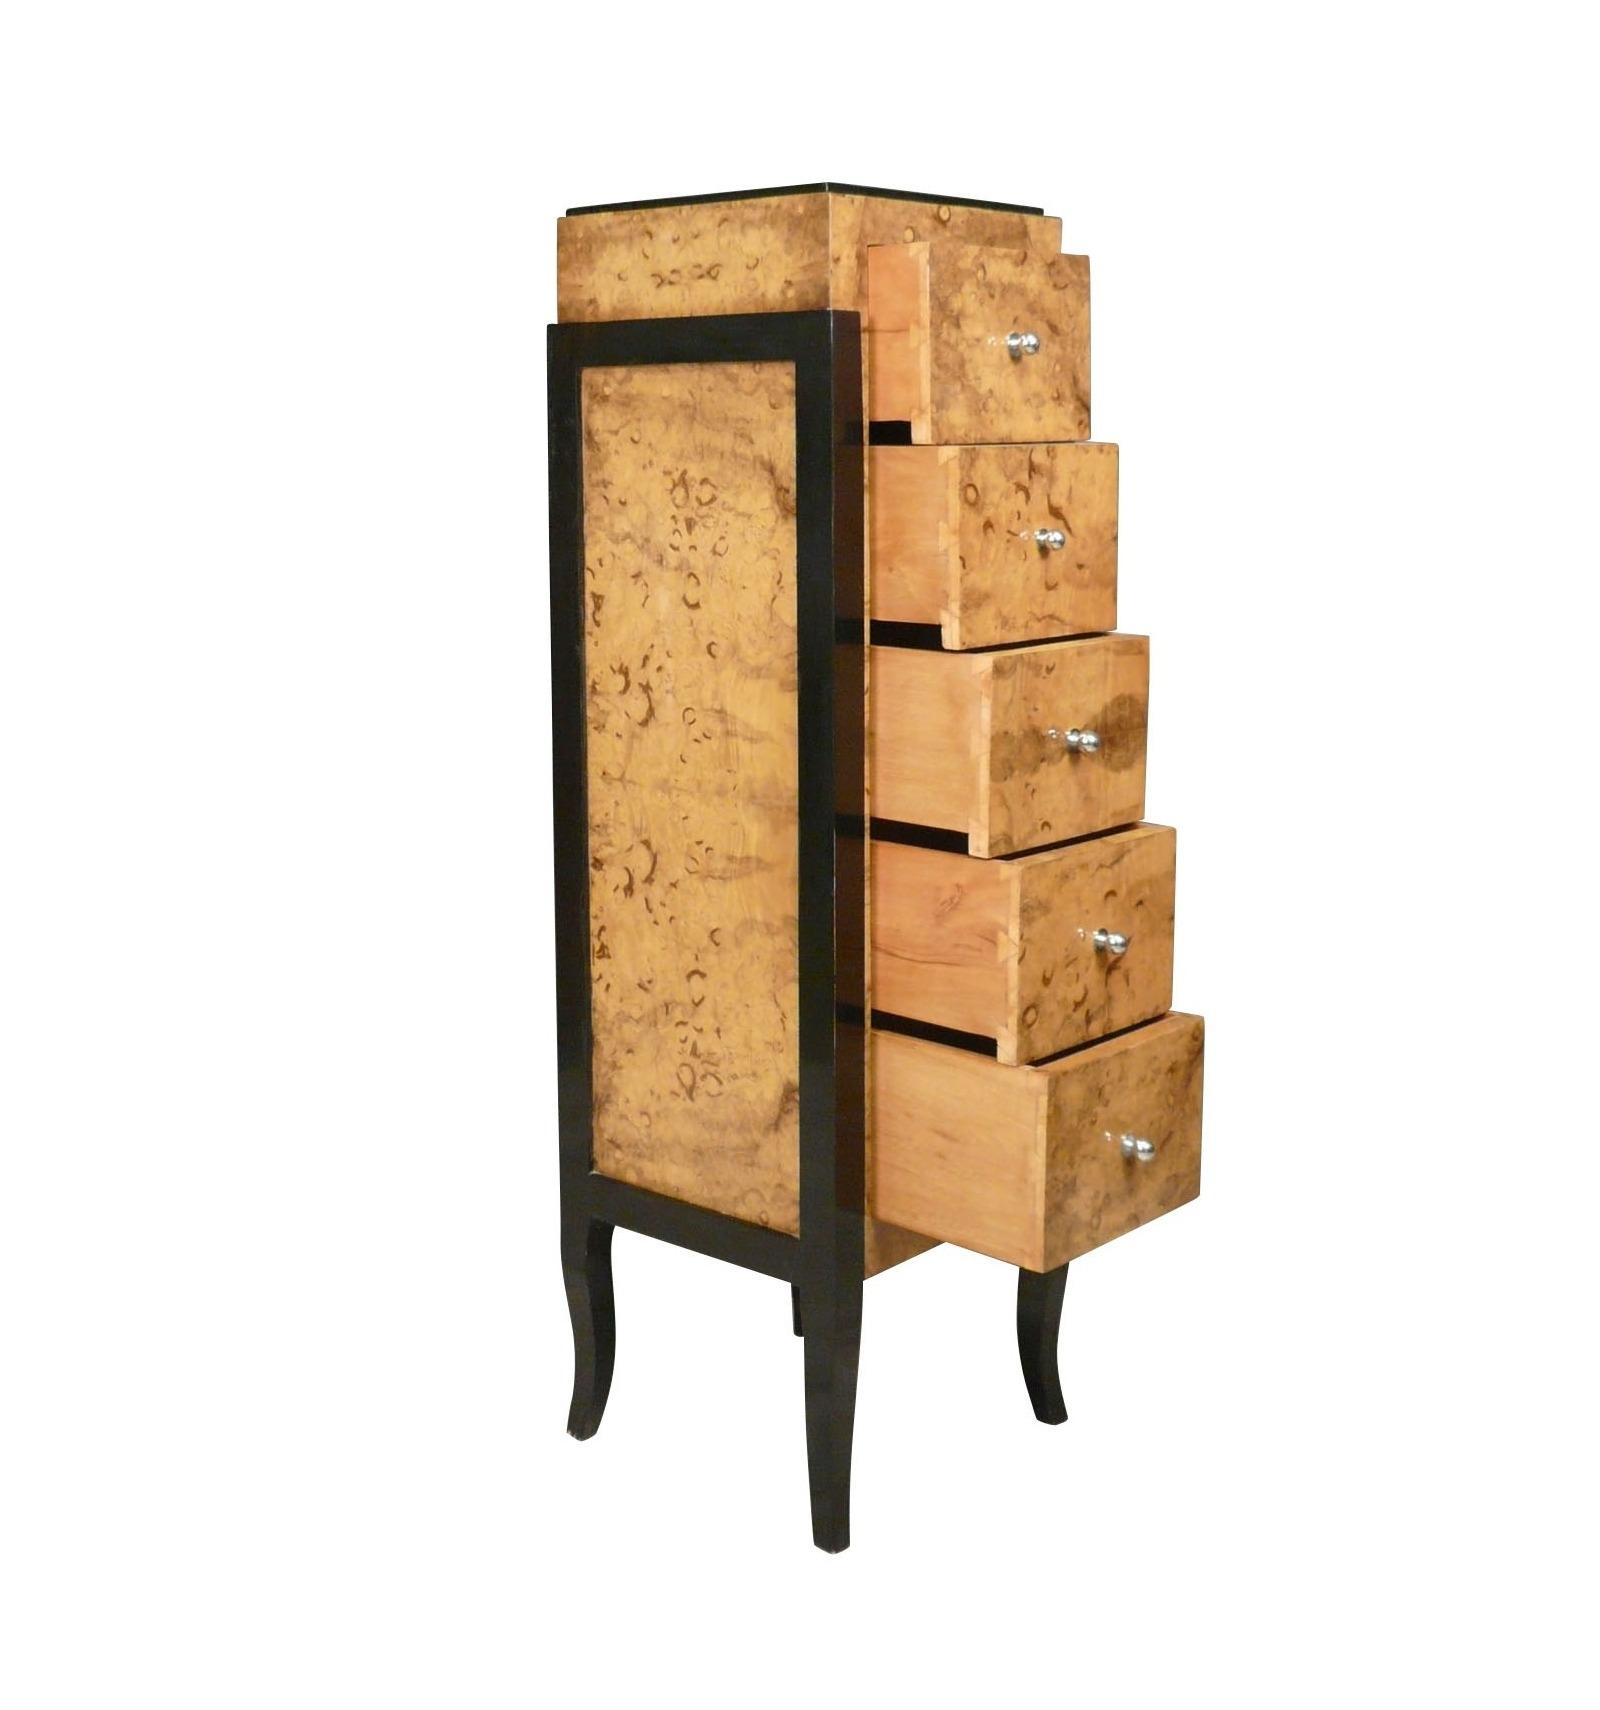 Com art deco stoccaggio mobili - Mobili art deco ...